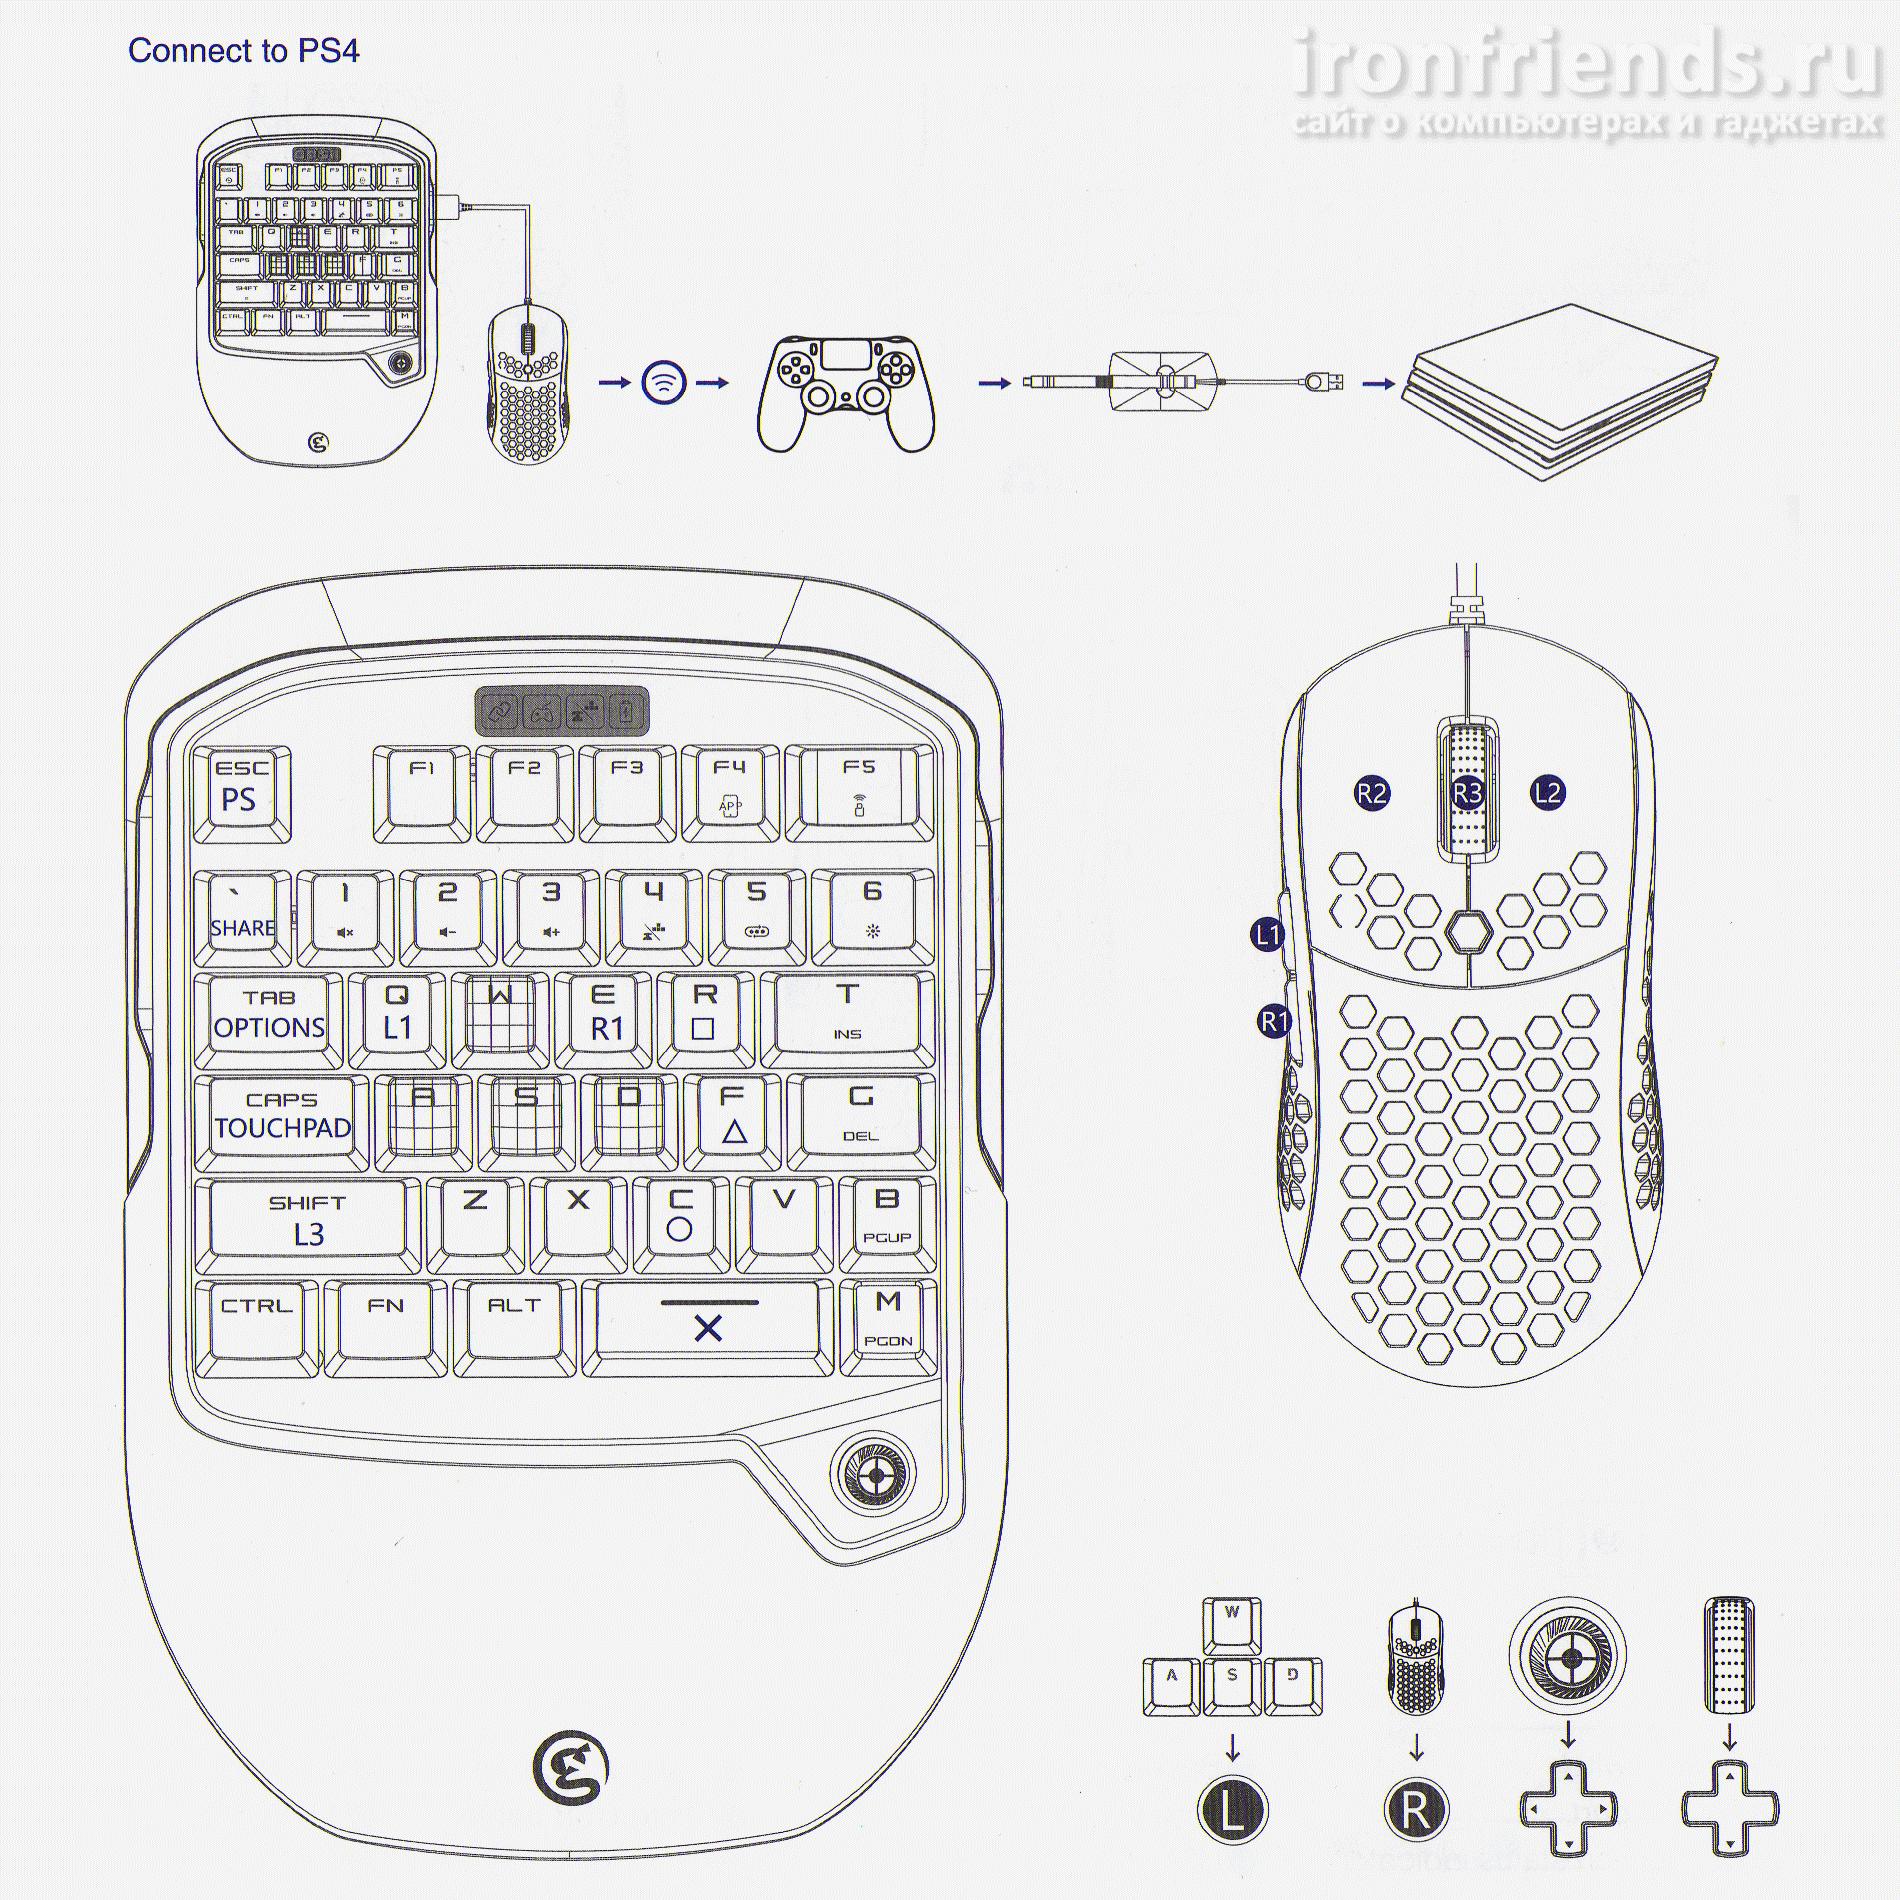 Подключение GameSir VX2 к PS4